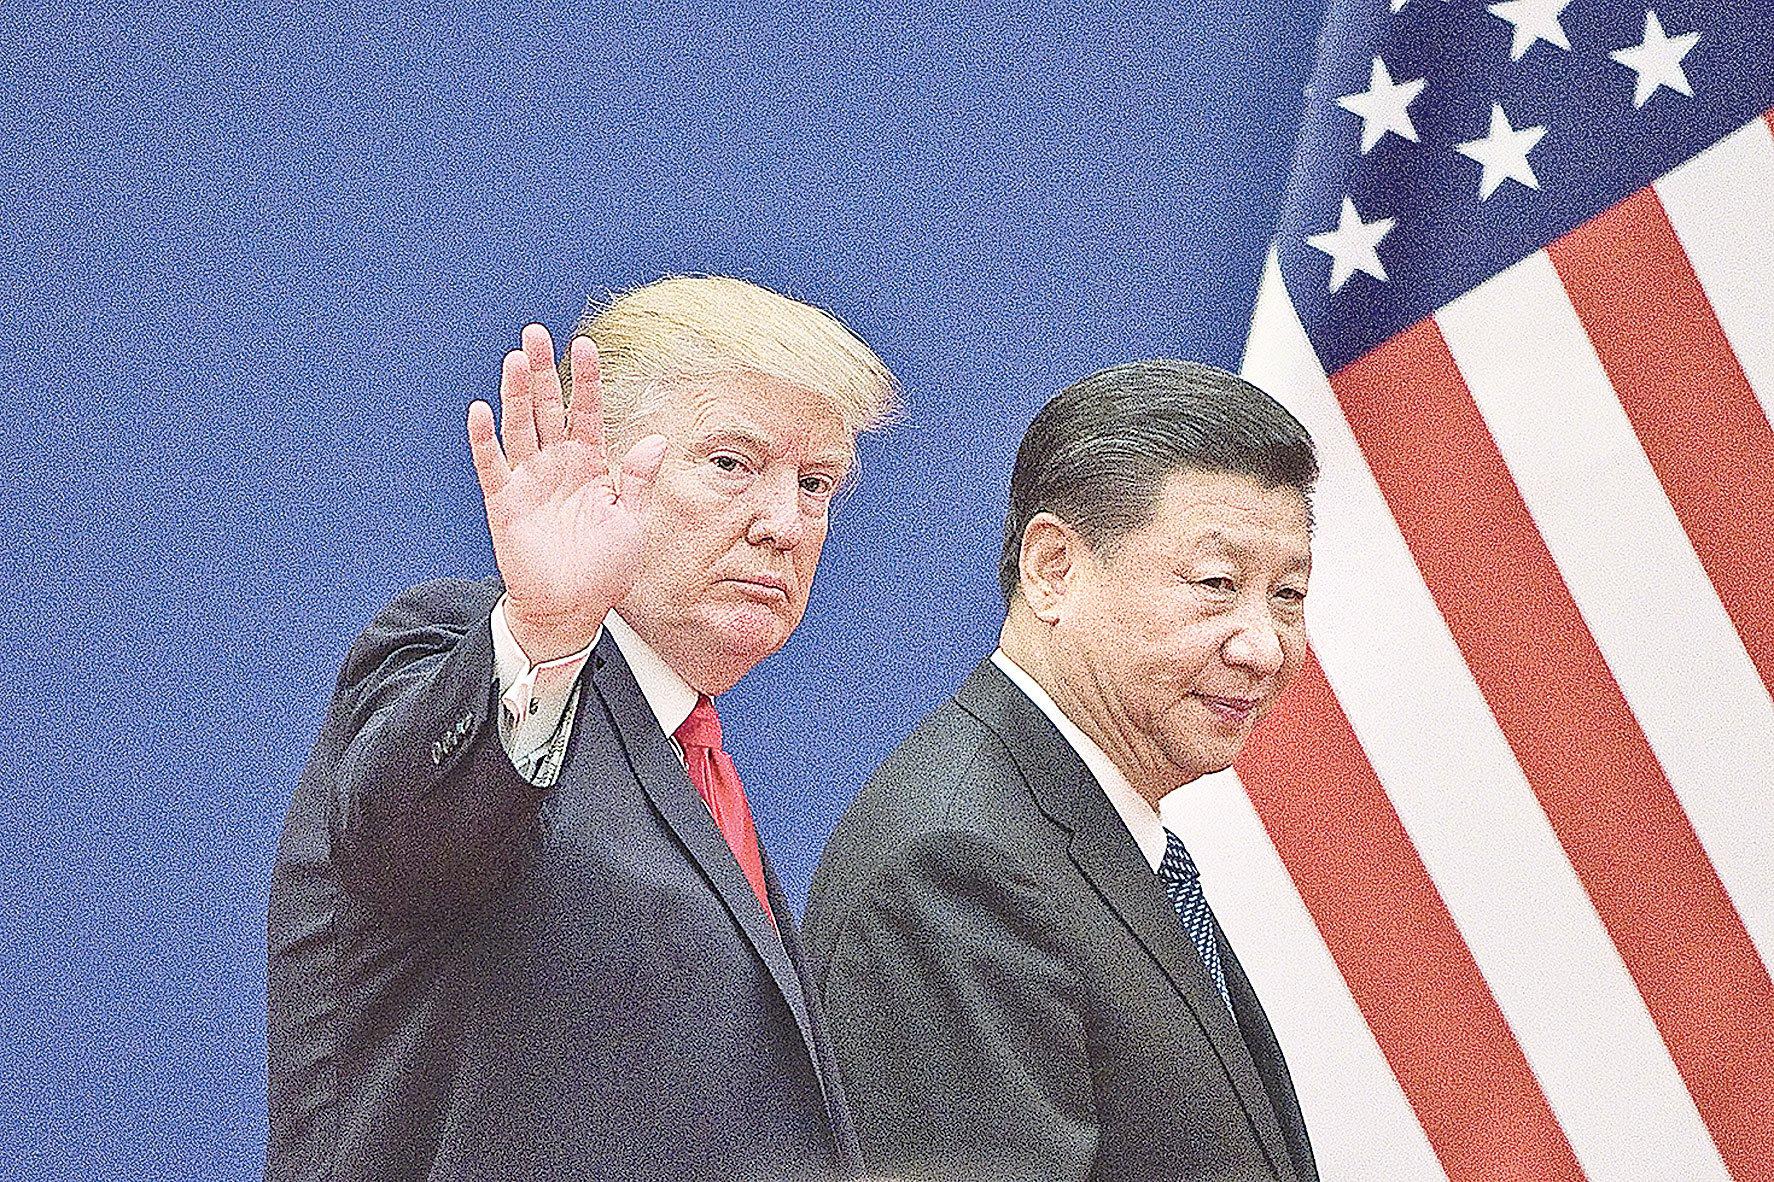 圖為2017年11月9日,特朗普在北京會見習近平。(Getty Images)